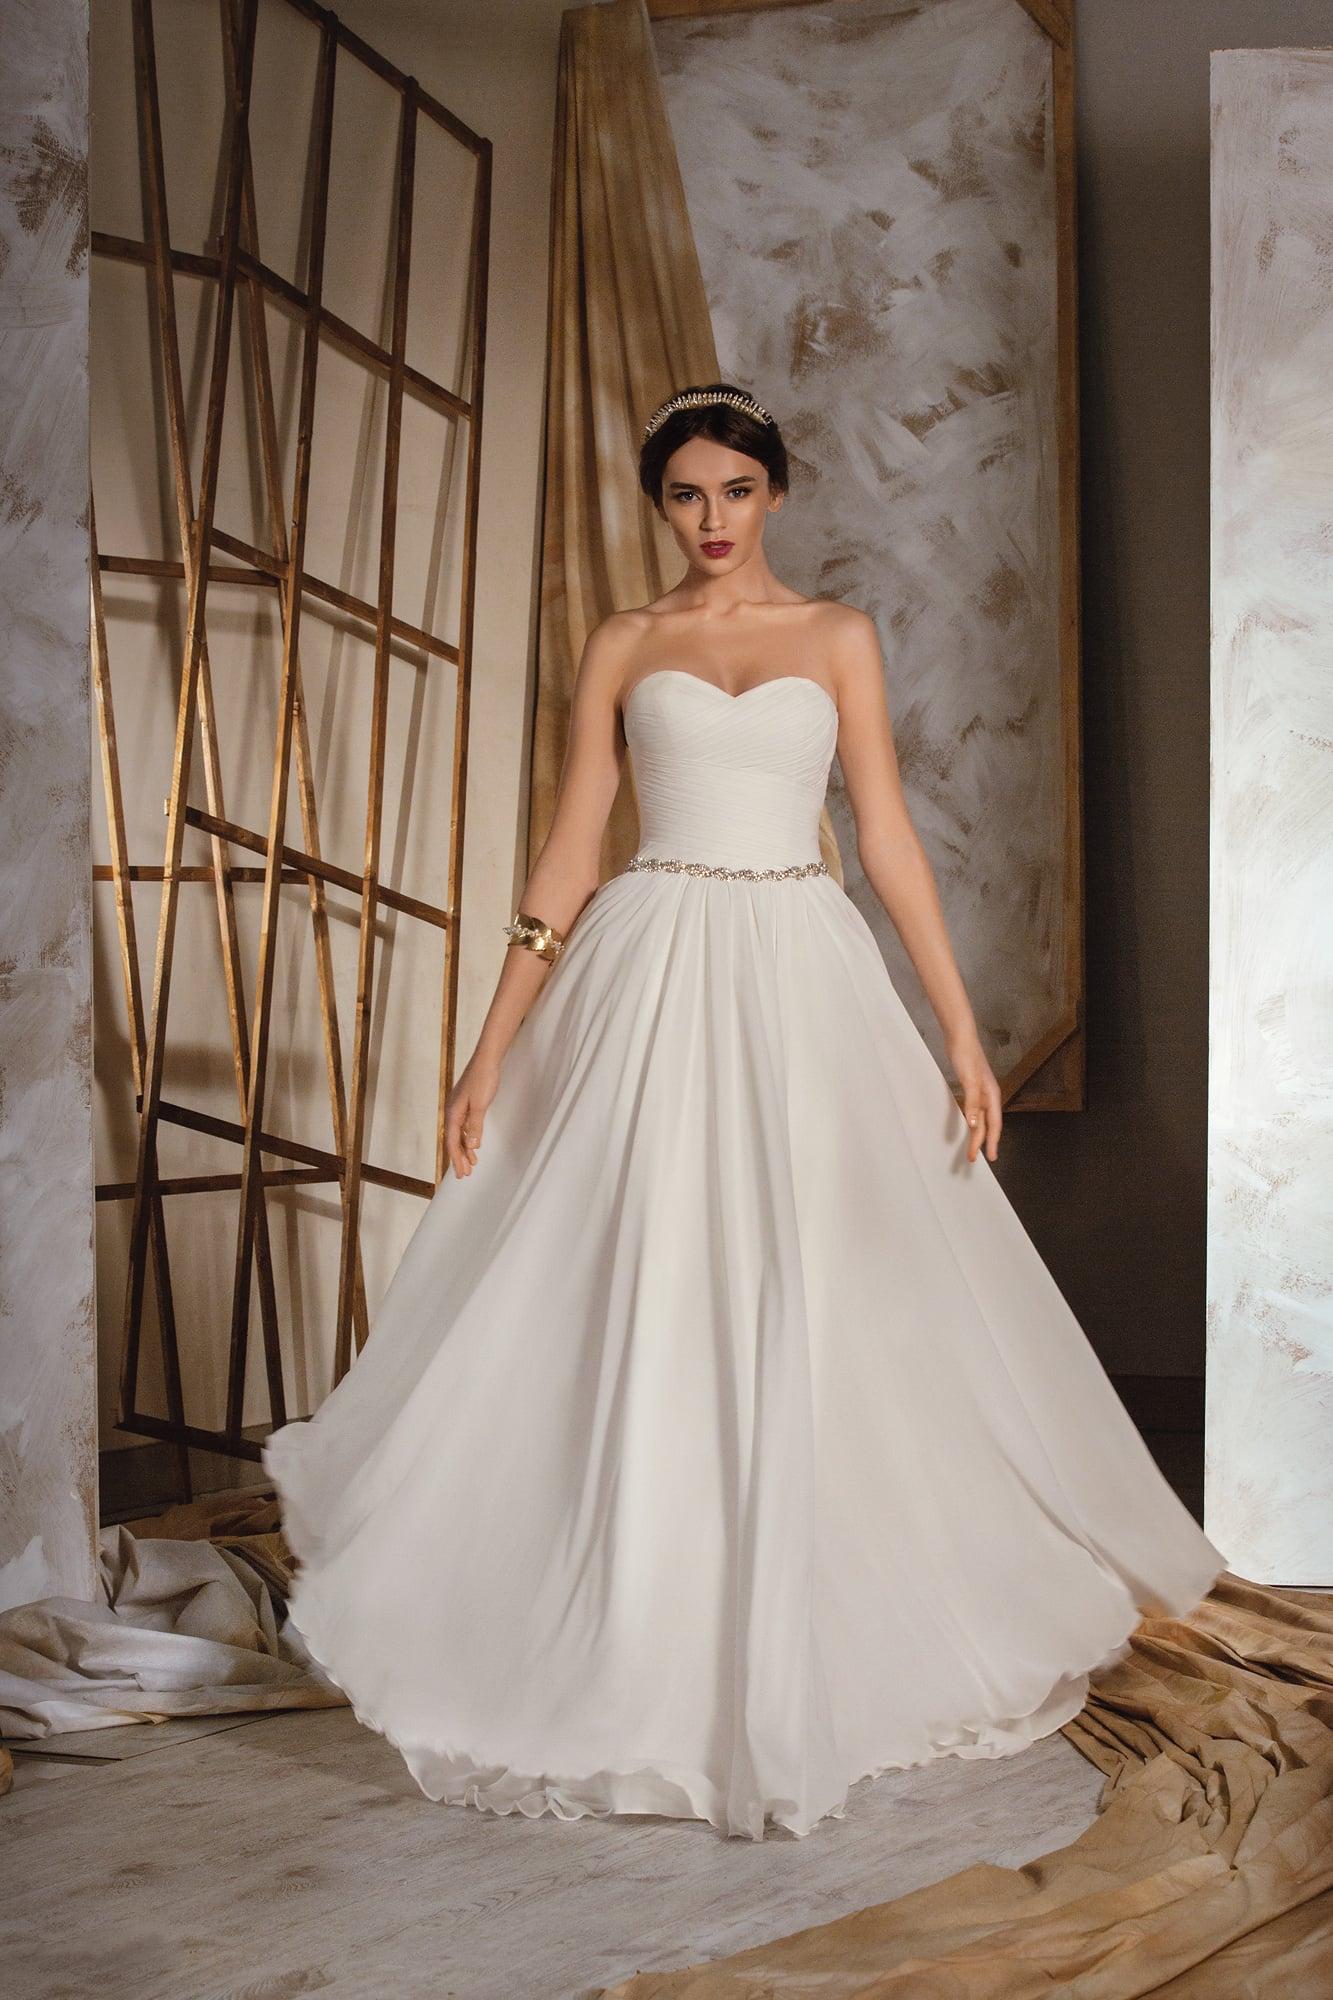 Лаконичное свадебное платье с открытым корсетом и многослойной юбкой, дополненное узким поясом.